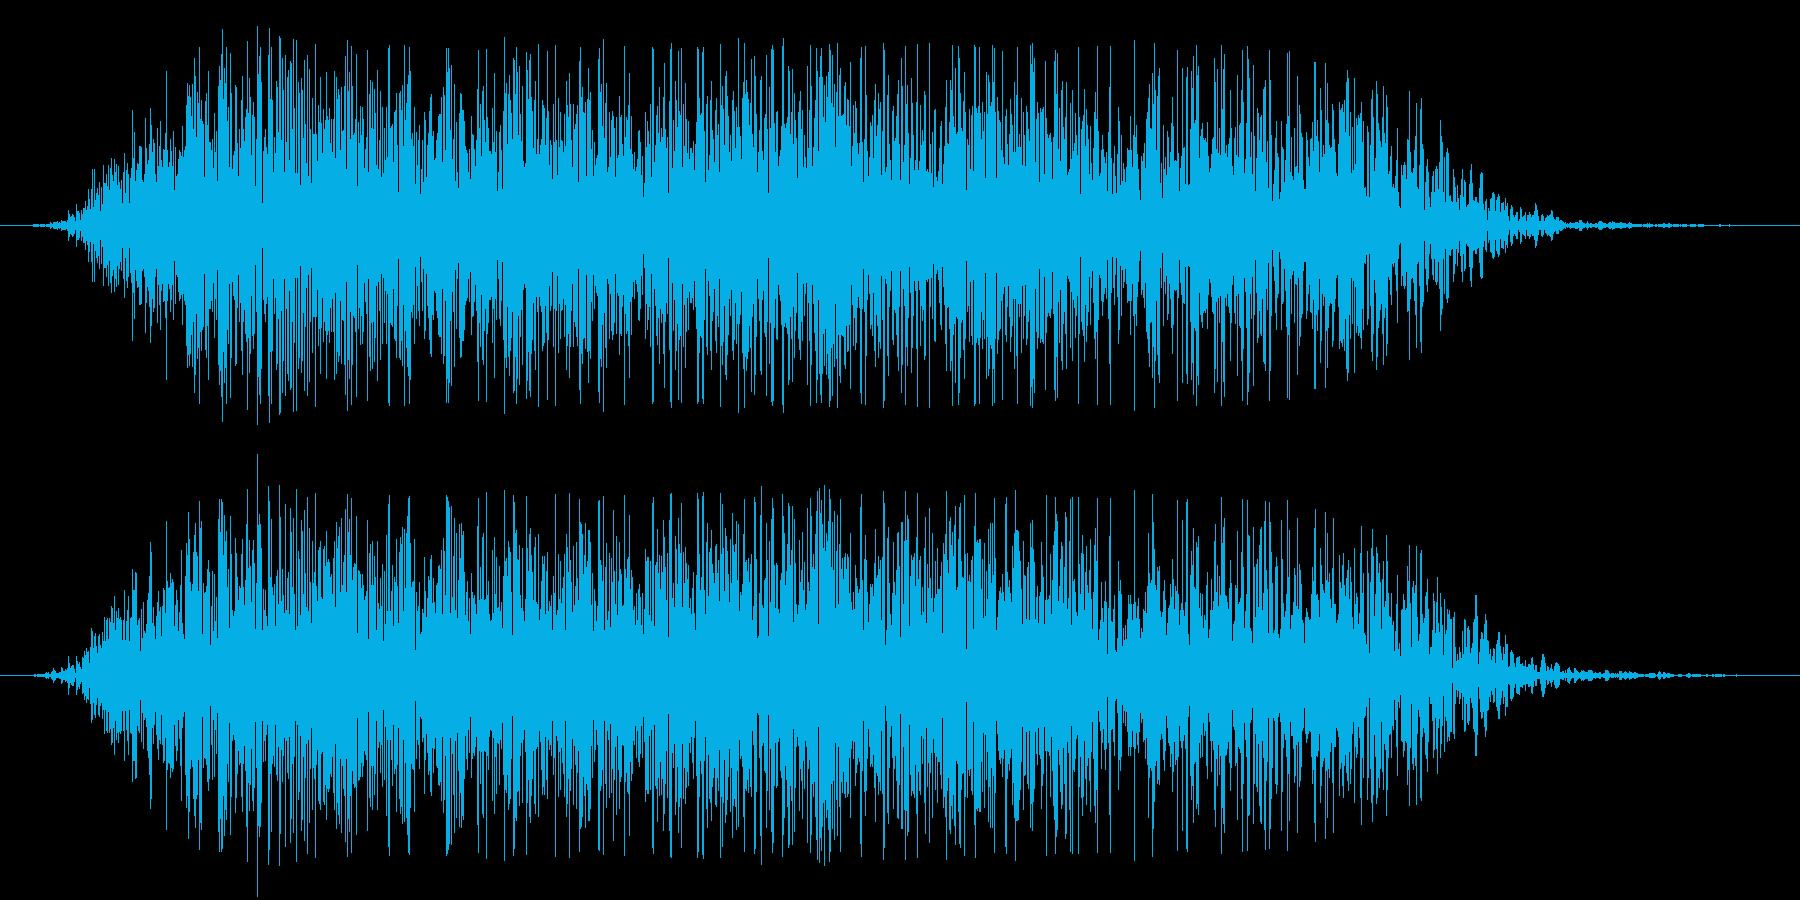 アフリカライオンの咆哮(スタンダード)の再生済みの波形